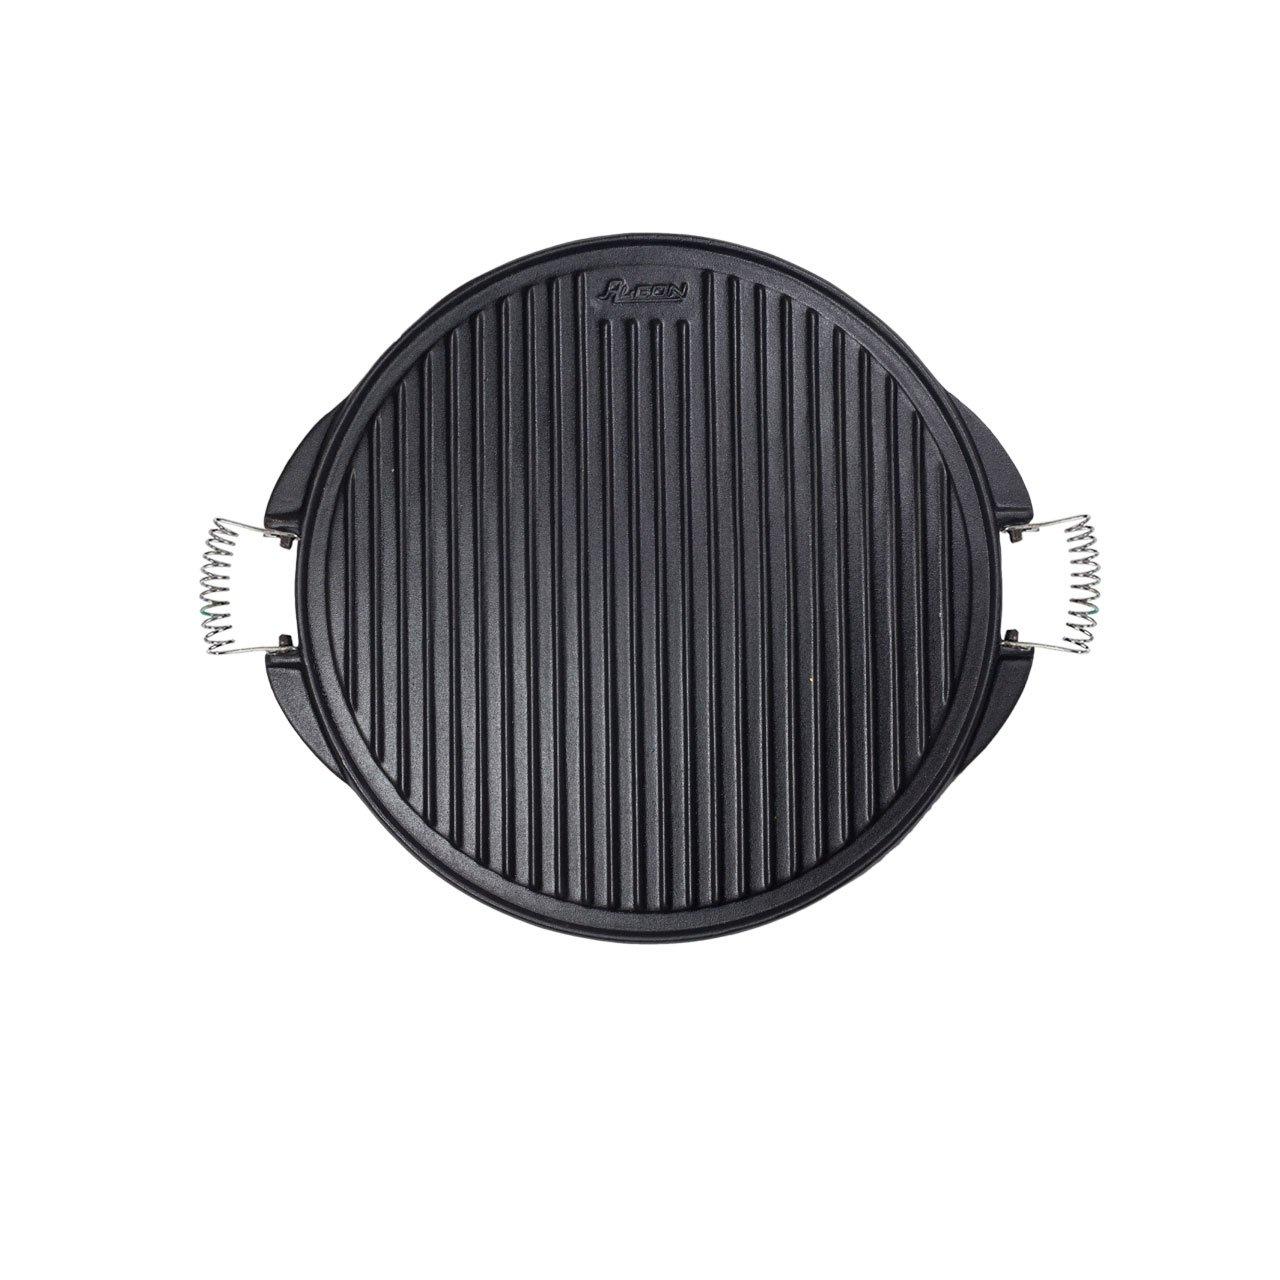 Algon AH112 Plancha de Cocina, 53 cm de diámetro, Inoxidable con Doble Cara, Hierro: Amazon.es: Hogar